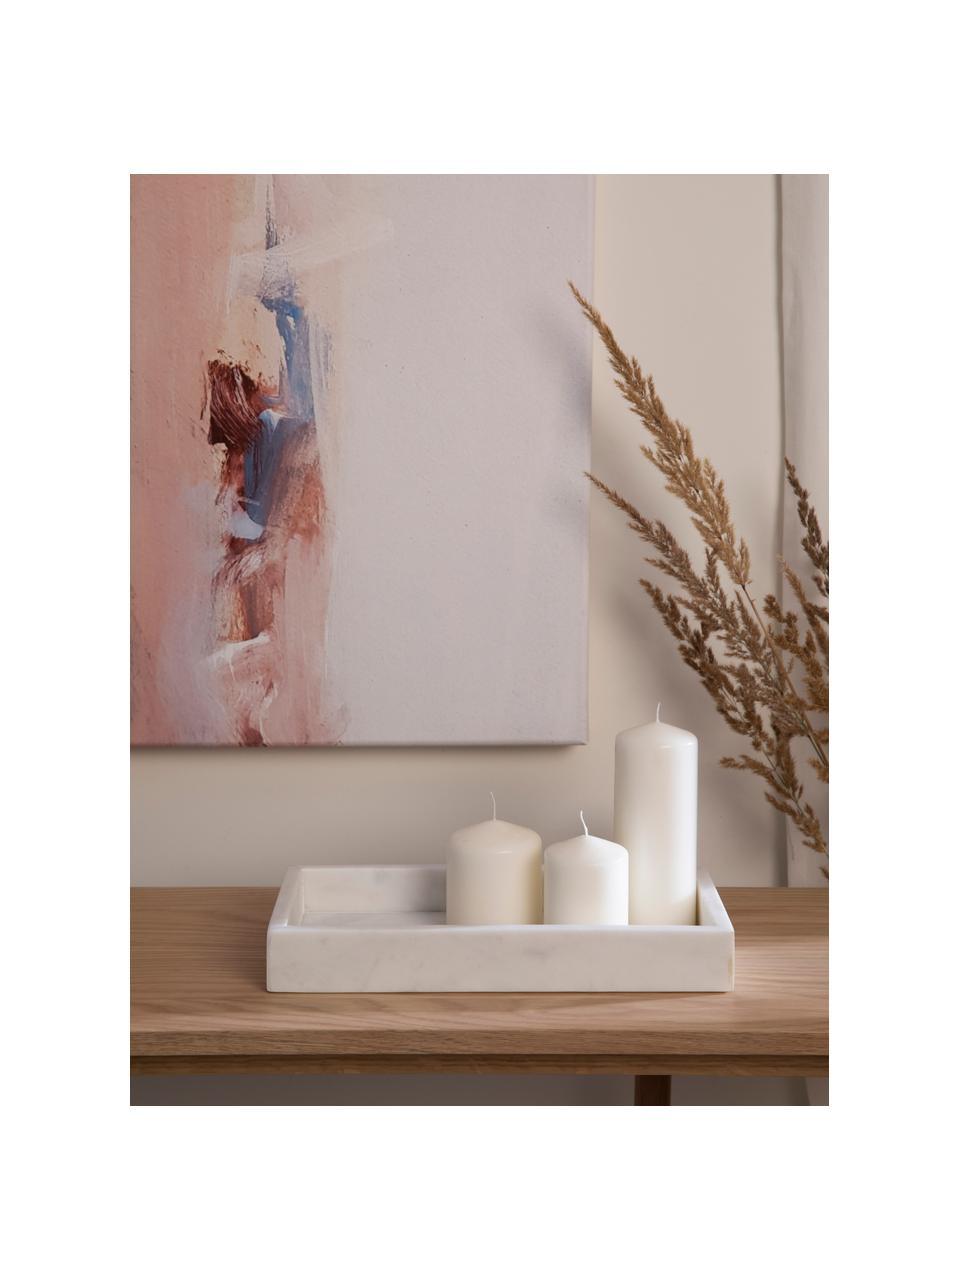 Dekorativní mramorový tác Mera, Bílá, mramorovaná